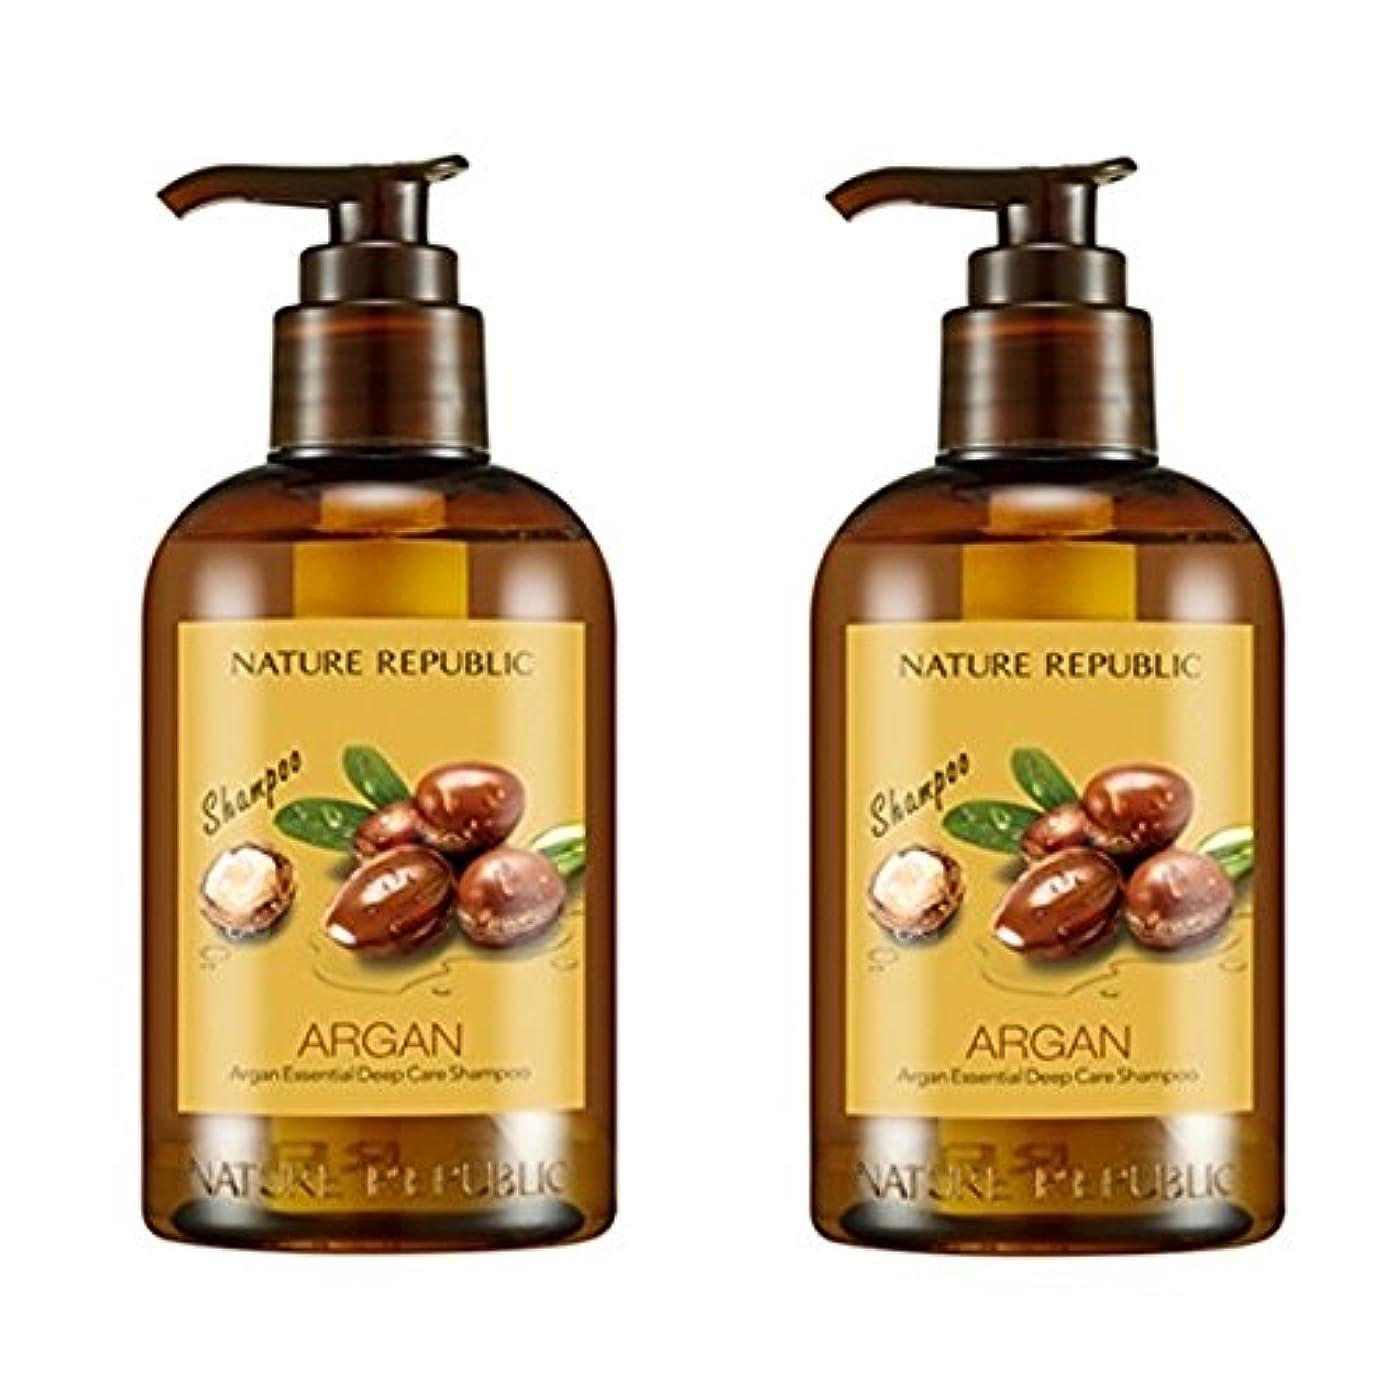 襲撃と闘う平等ネイチャーリパブリック(NATURE REPUBLIC) アルガン エッセンシャル ディープ ケア シャンプー x 2本 (Argan Essential Deep Care Shampoo x2pcs Set) [並行輸入品]